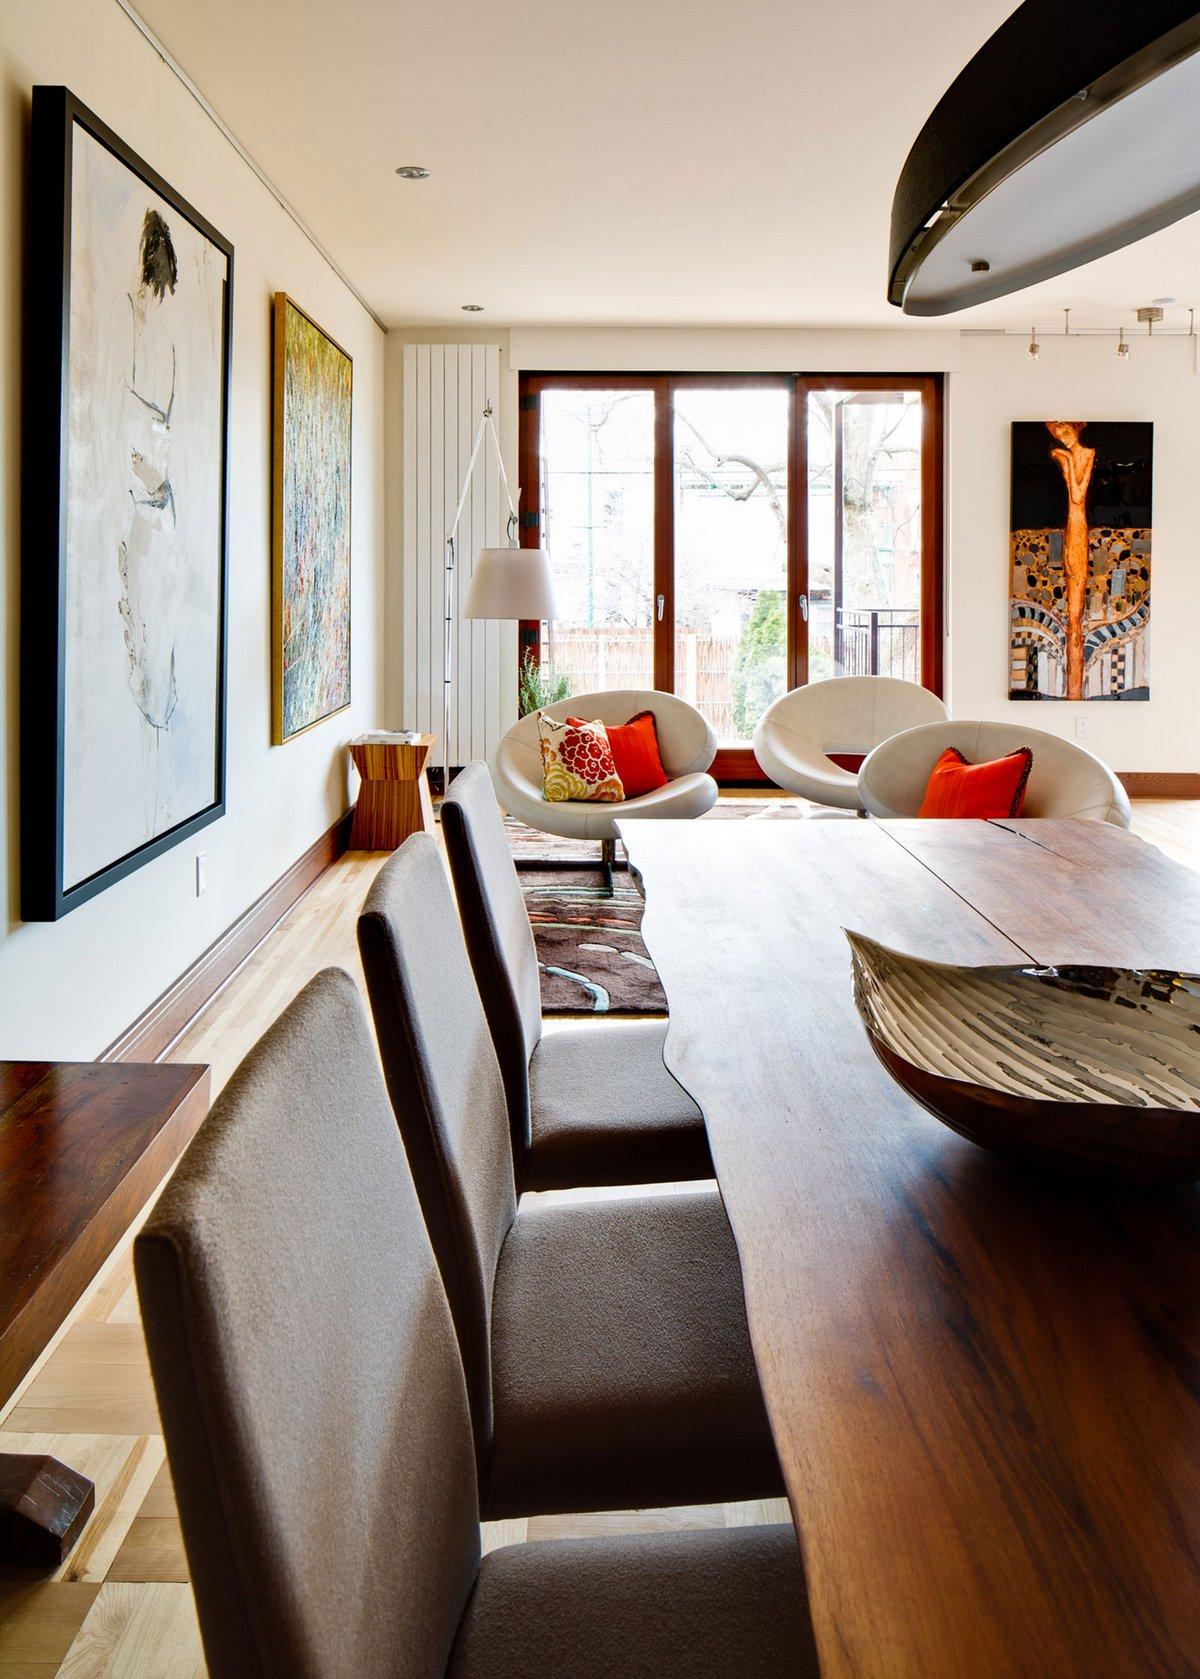 Boom Town, Condo Louis-Hebert, современный дизайн интерьера фото, оформление частного дома, дизайн интерьера, дома в Канаде фото, дом в Монреале фото